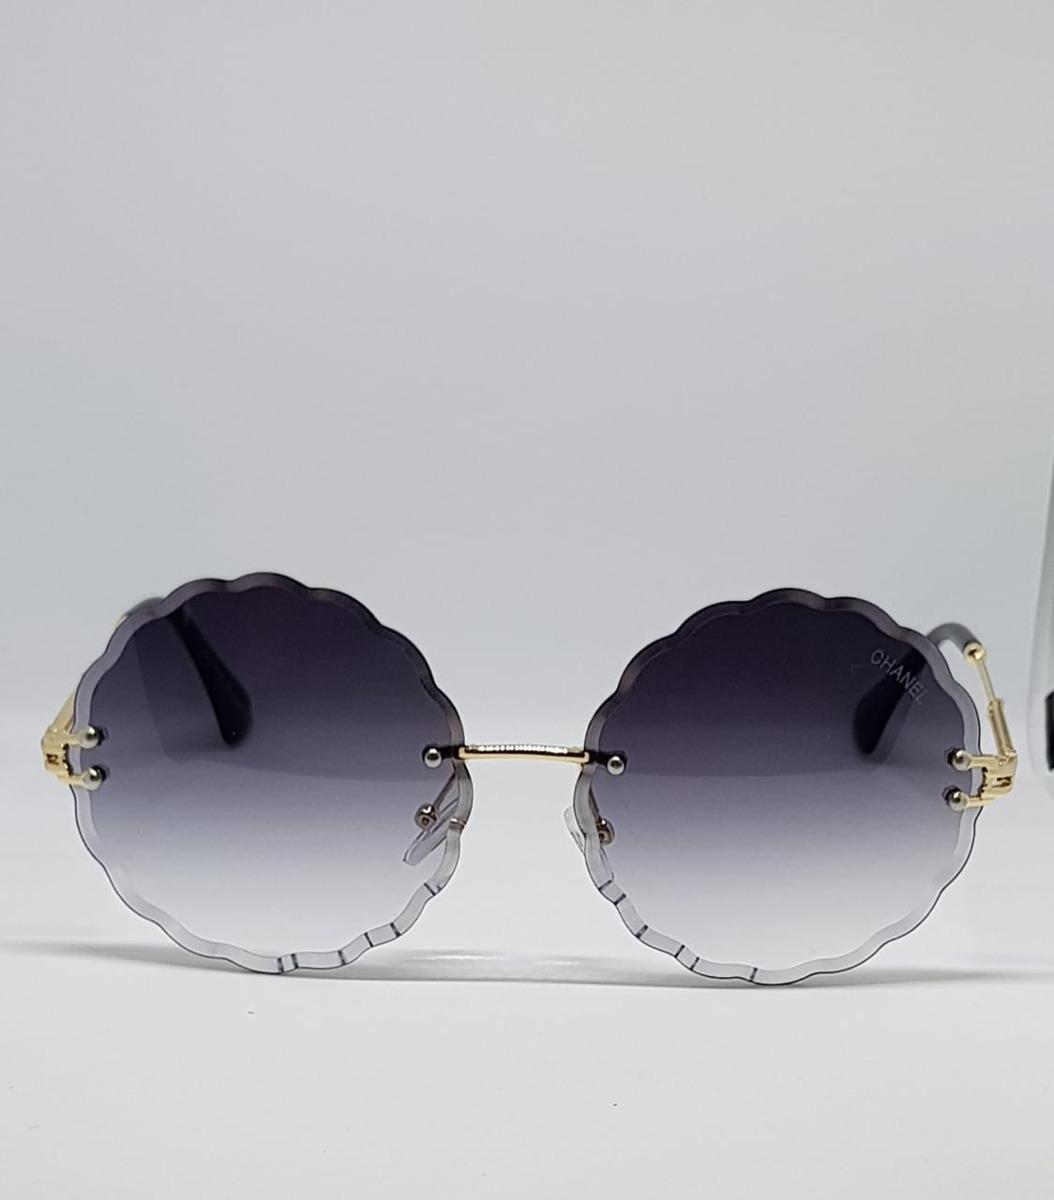 014815323 Óculos De Sol Luxo Chamel Redondo Preto - R$ 89,20 em Mercado Livre